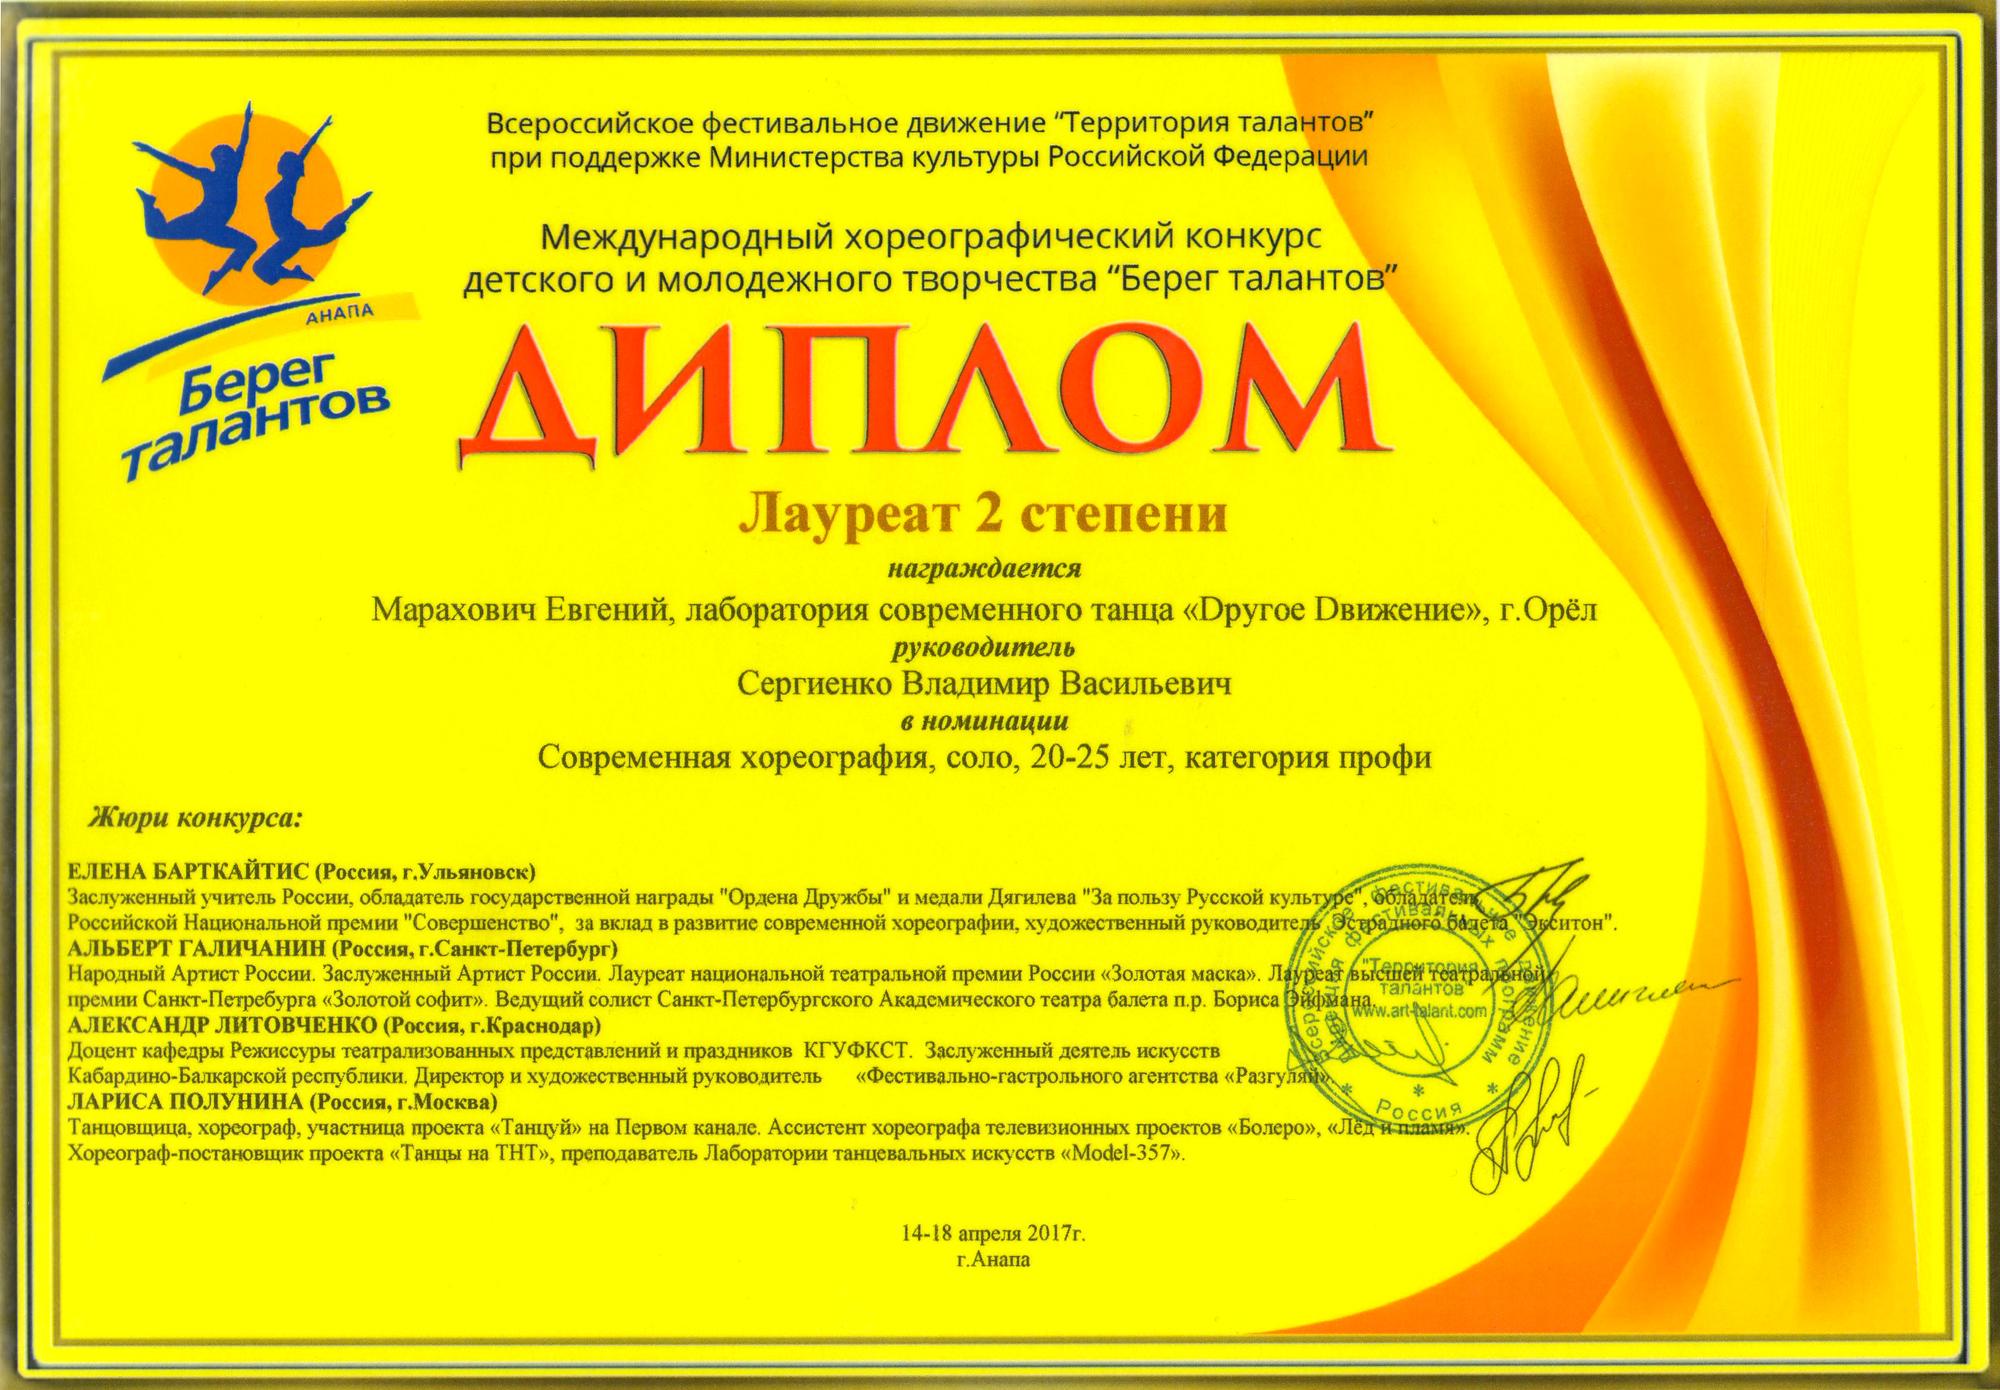 Г анапа международный конкурс детского творчества